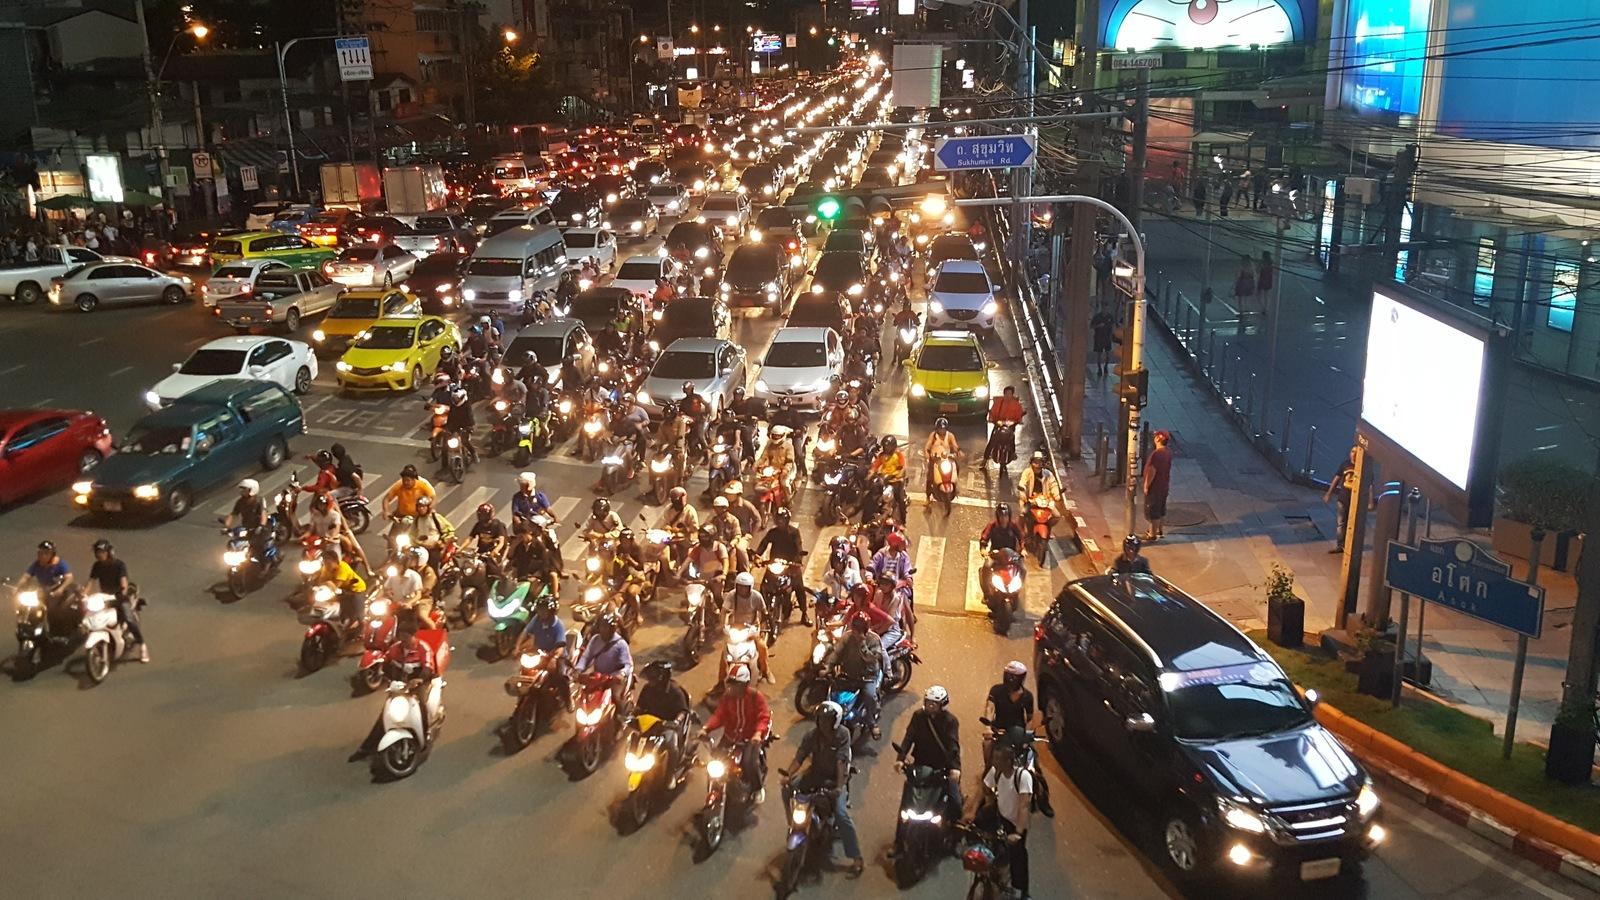 ถนนรัชดาภิเษก รถติด - Tannon Ratchadaphisek during the evening rush hour